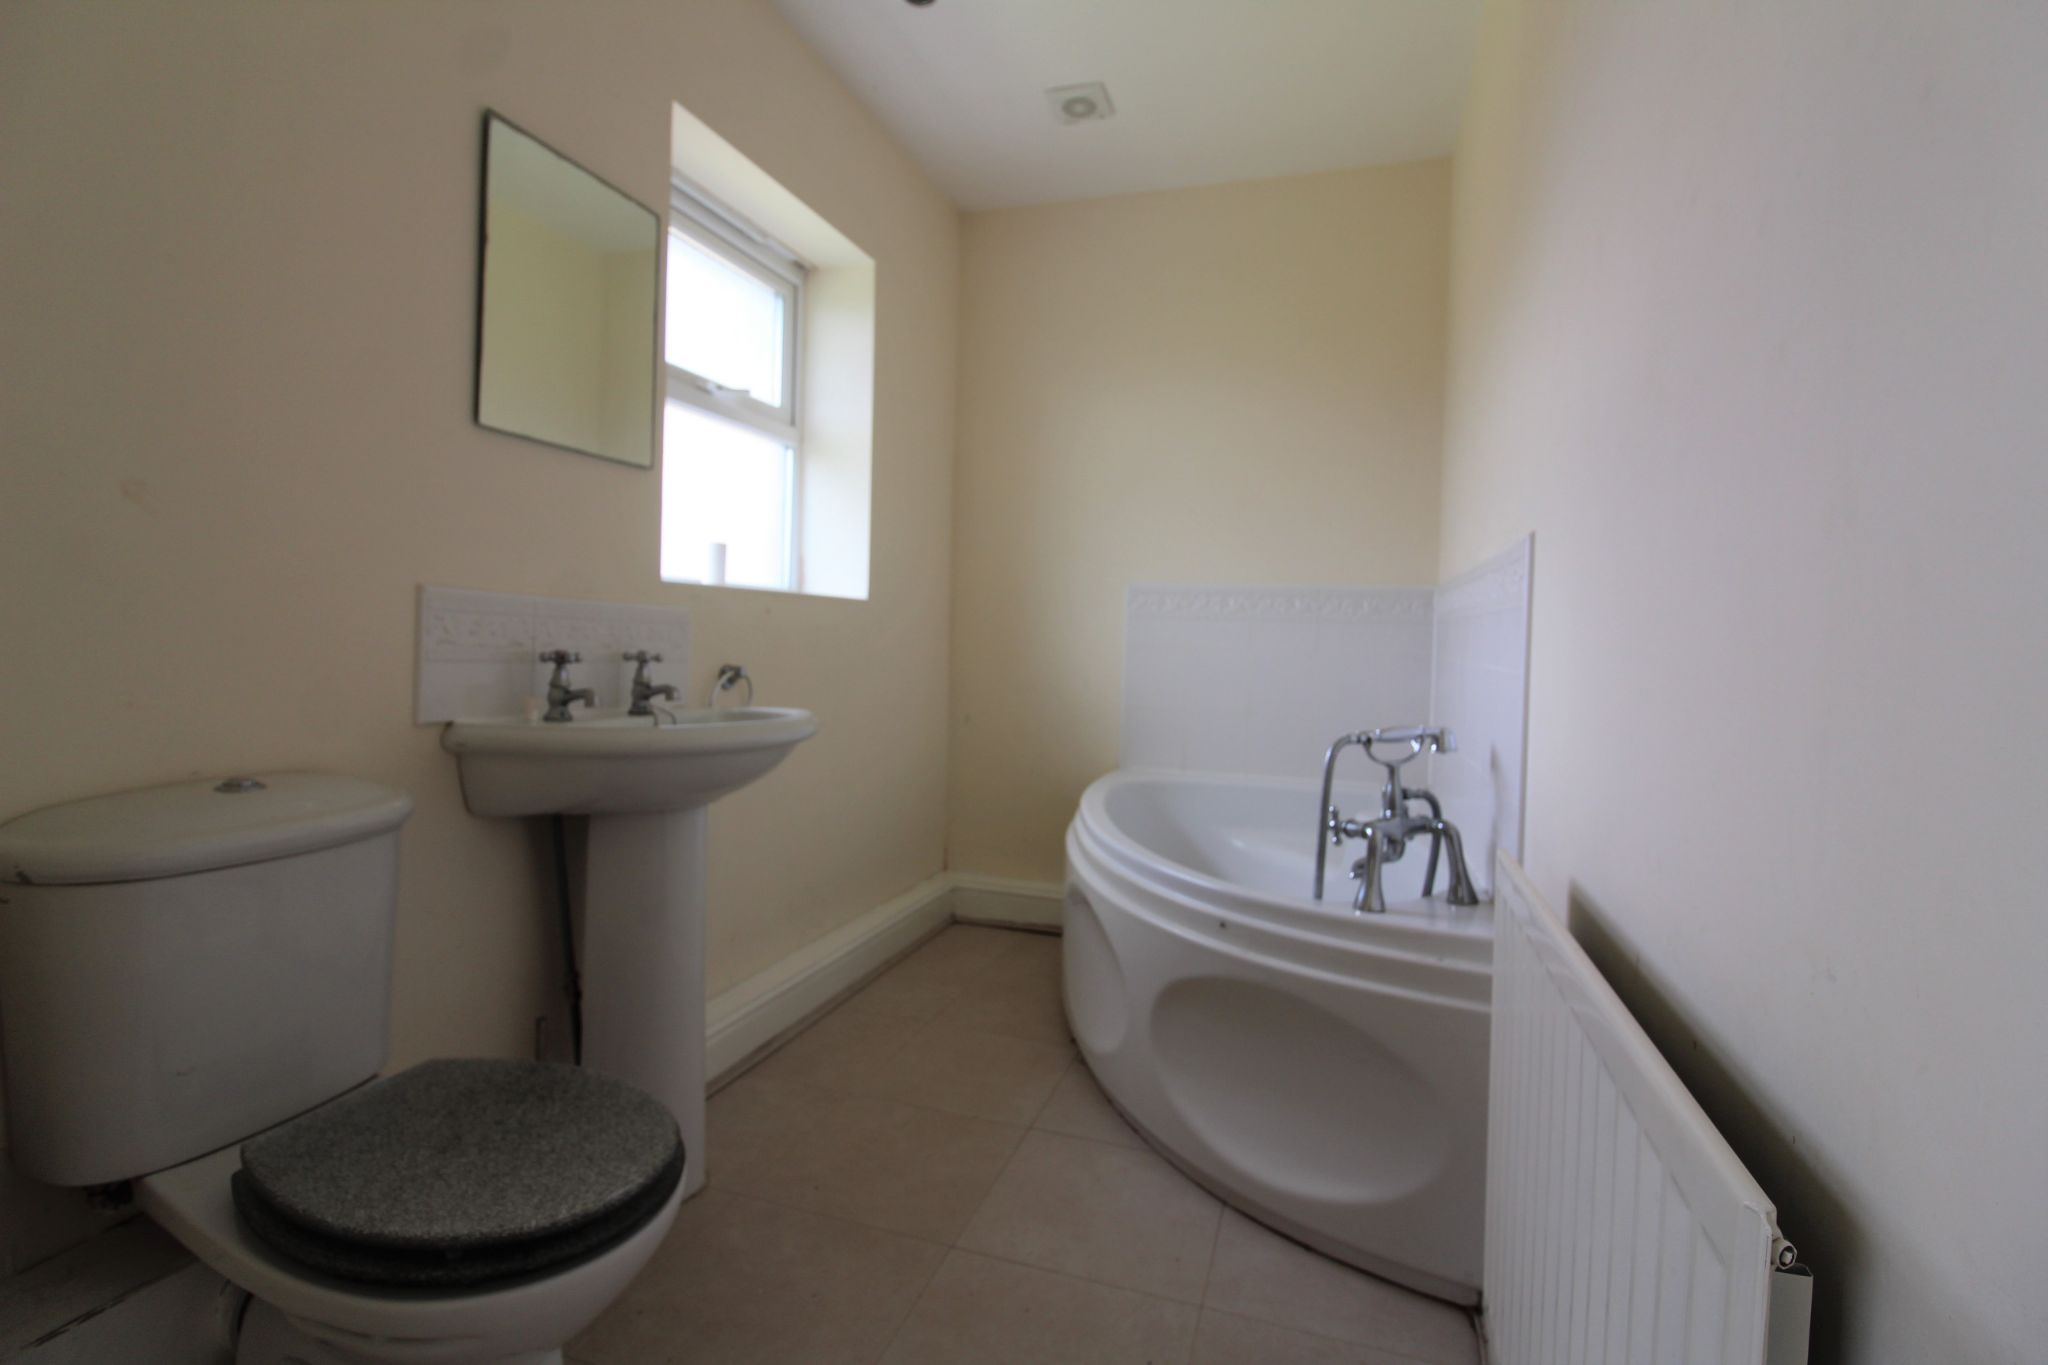 7 bedroom detached house Sale Agreed in Sunniside - Guest Ensuite Bathroom.